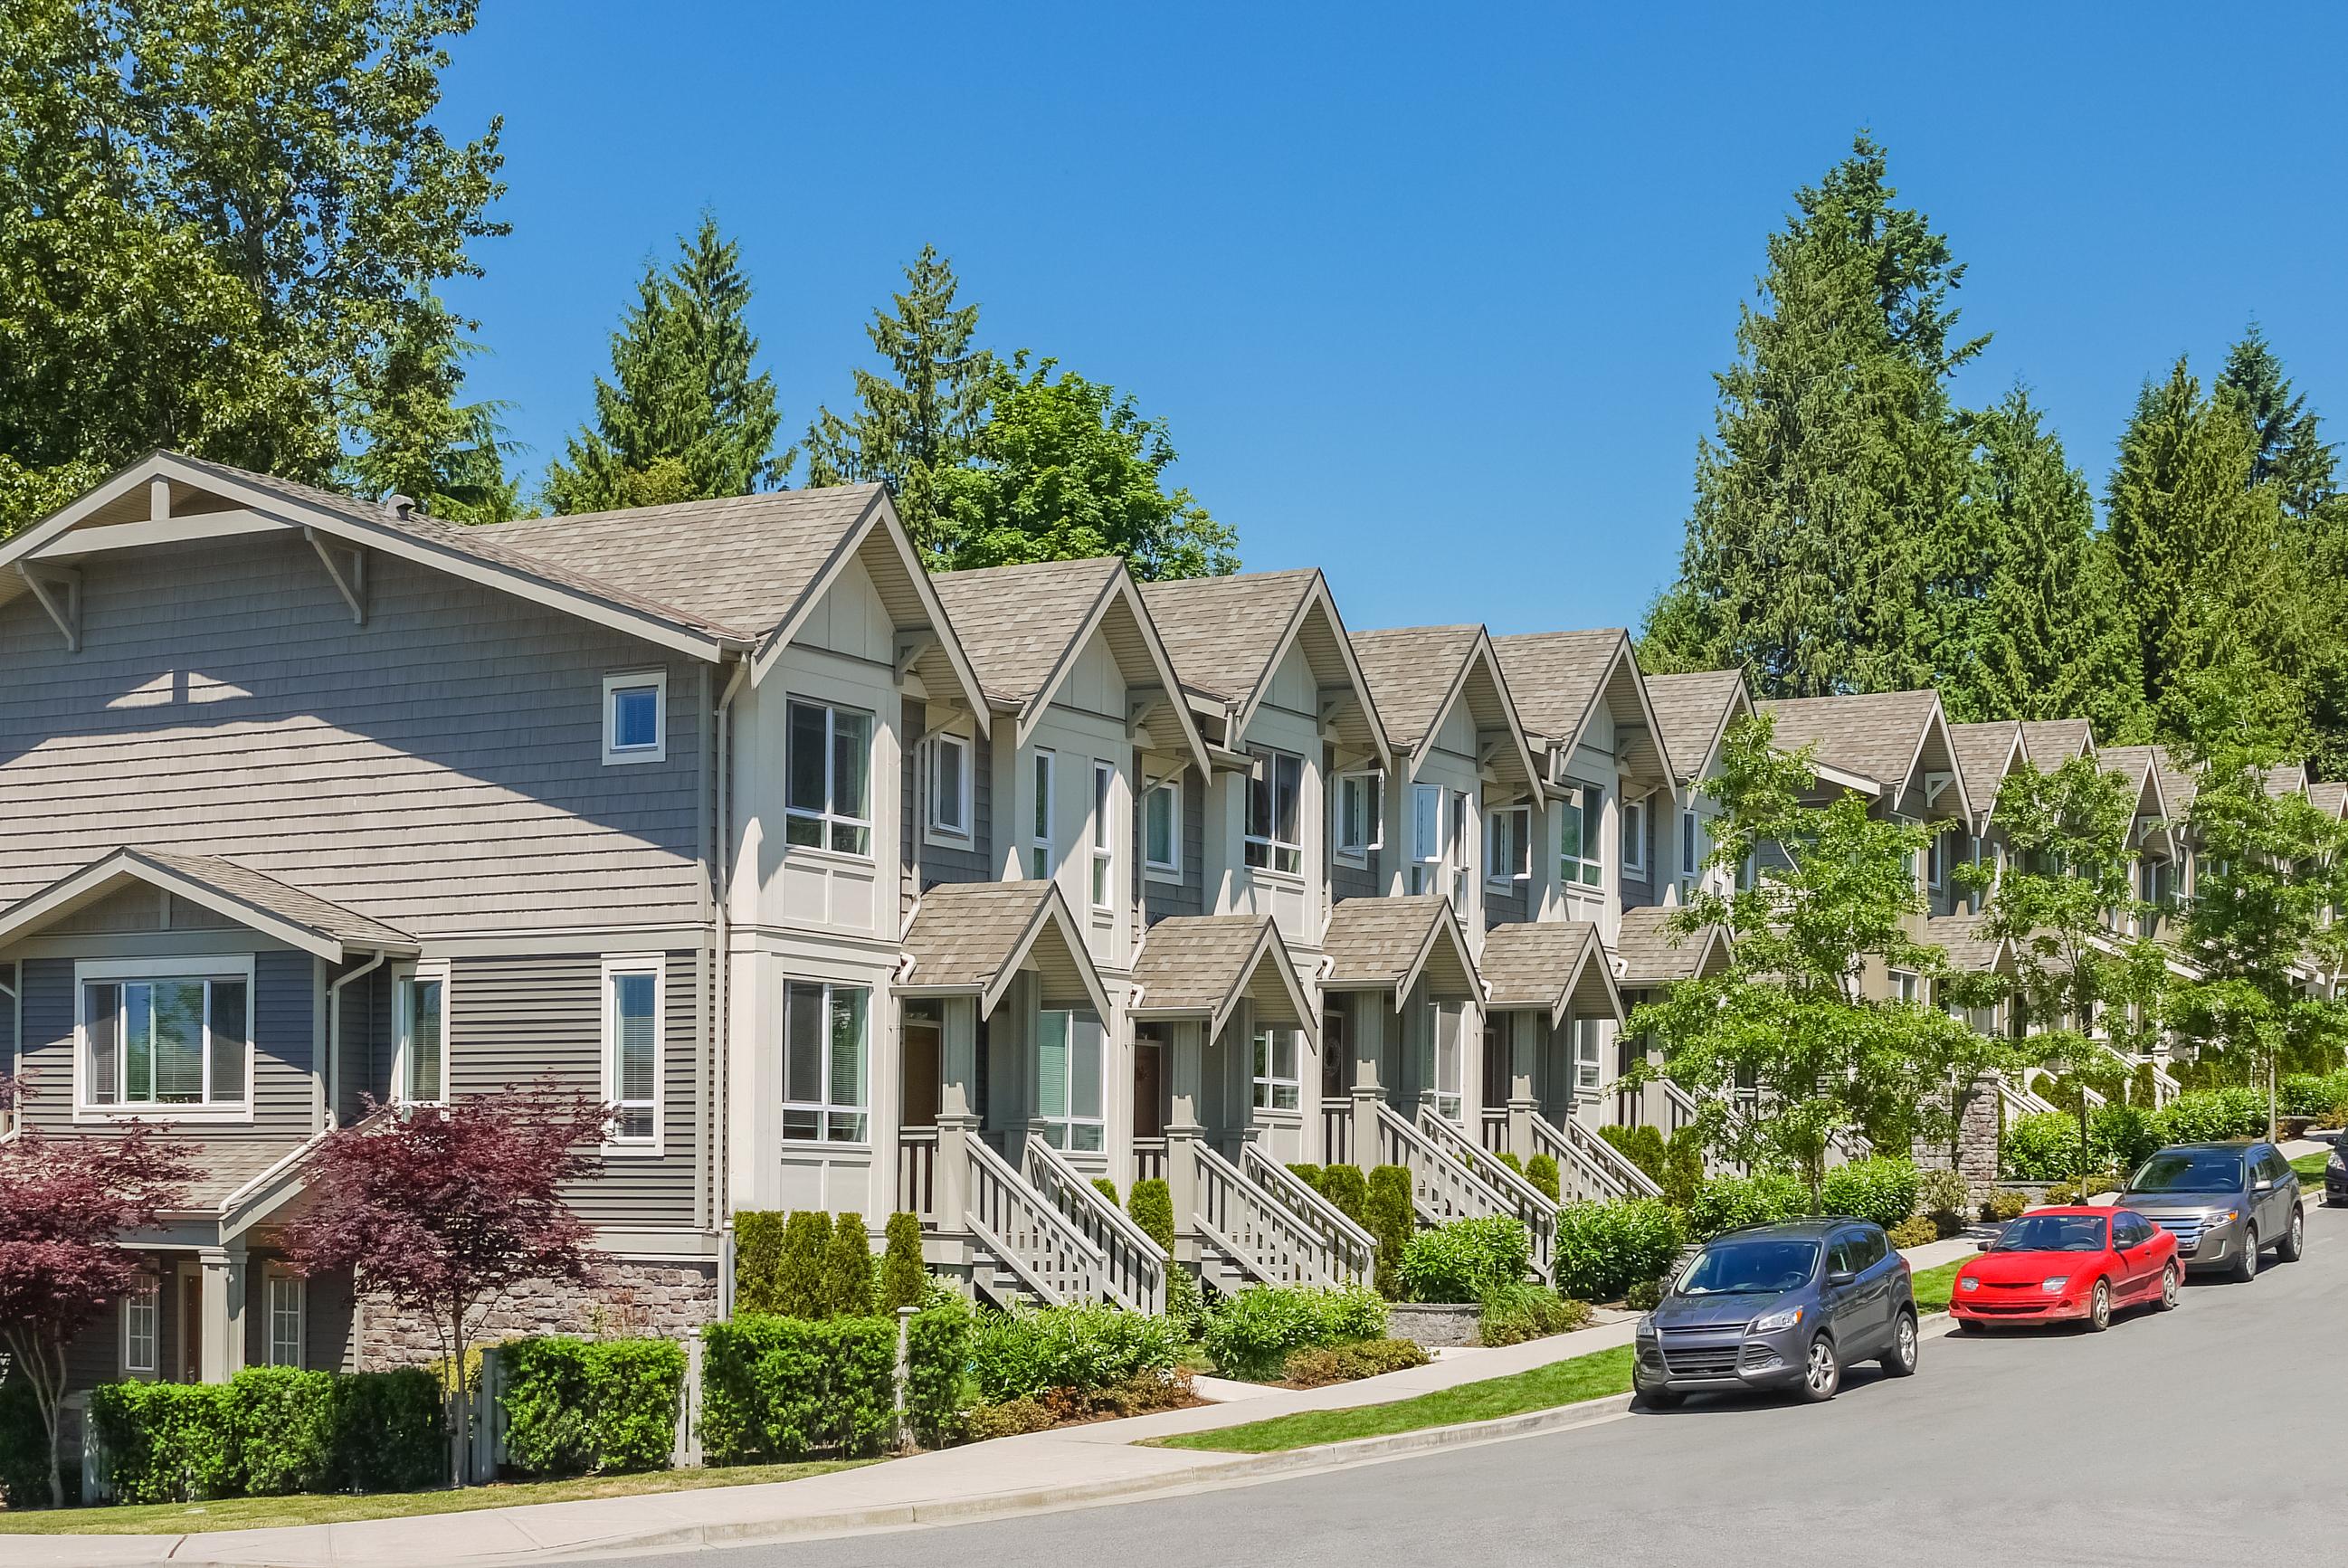 需求旺盛 大多倫多新建鎮屋買家要求高質裝修